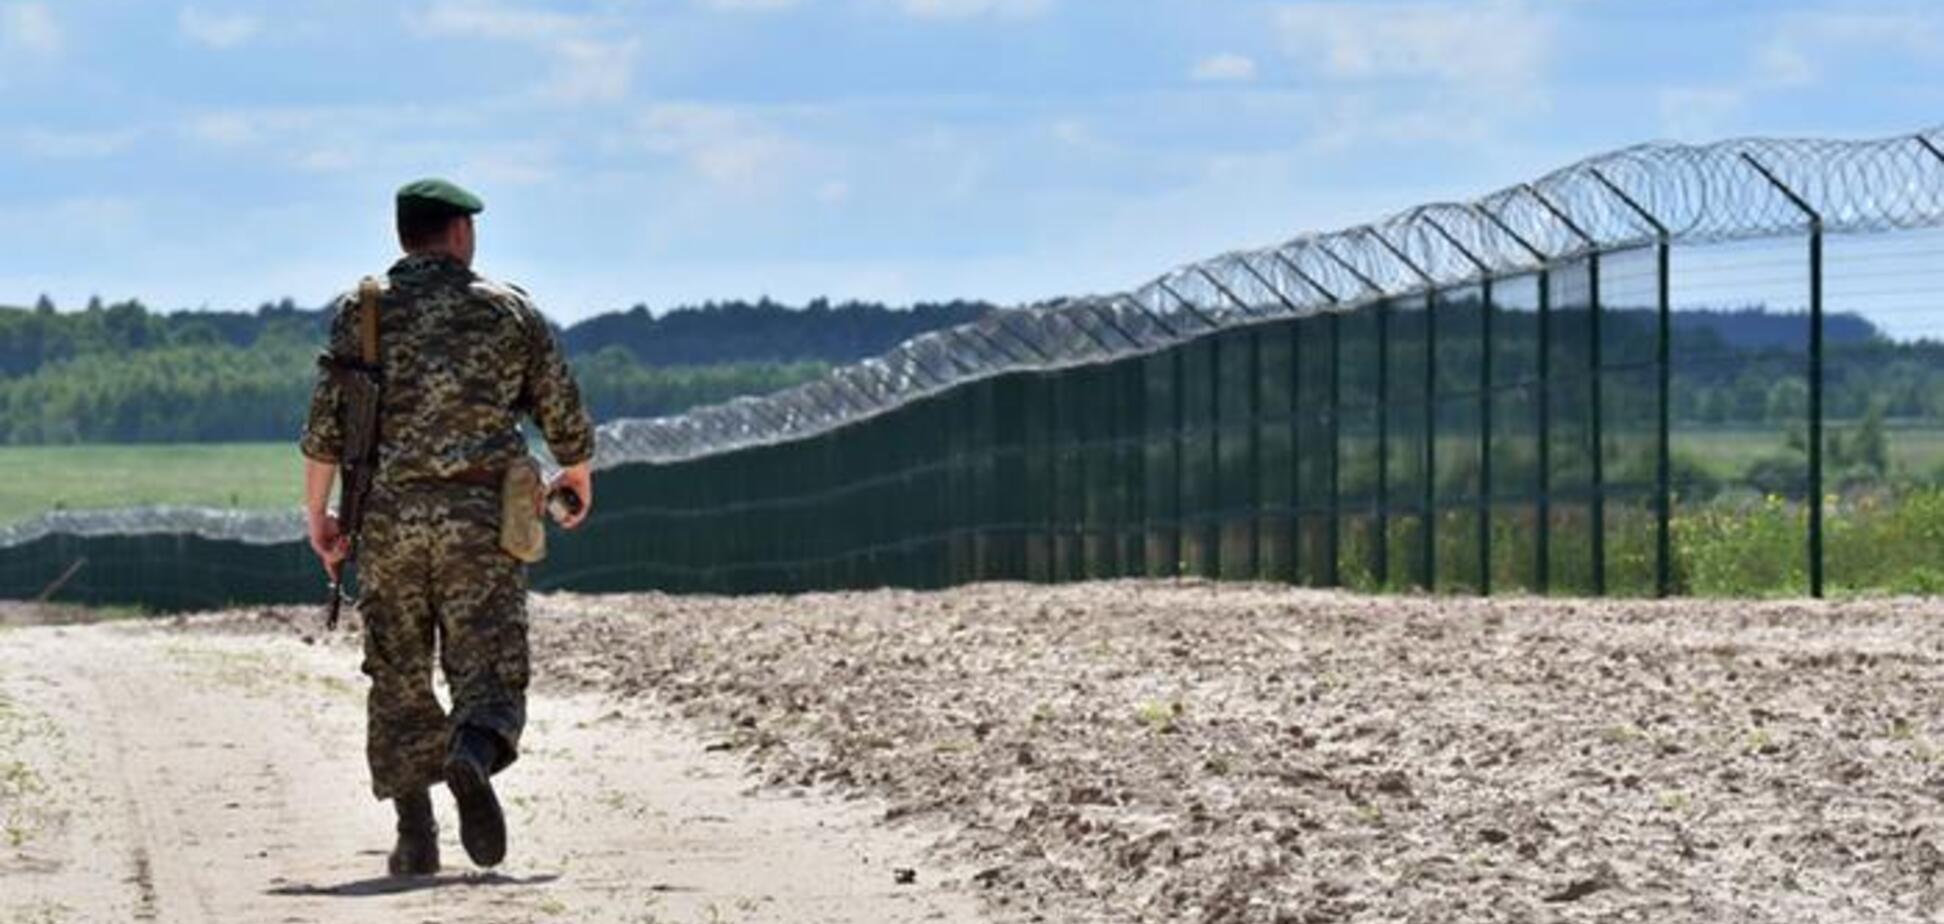 Завершение строительства стены на границе с Россией собираются перенести на 2025 год